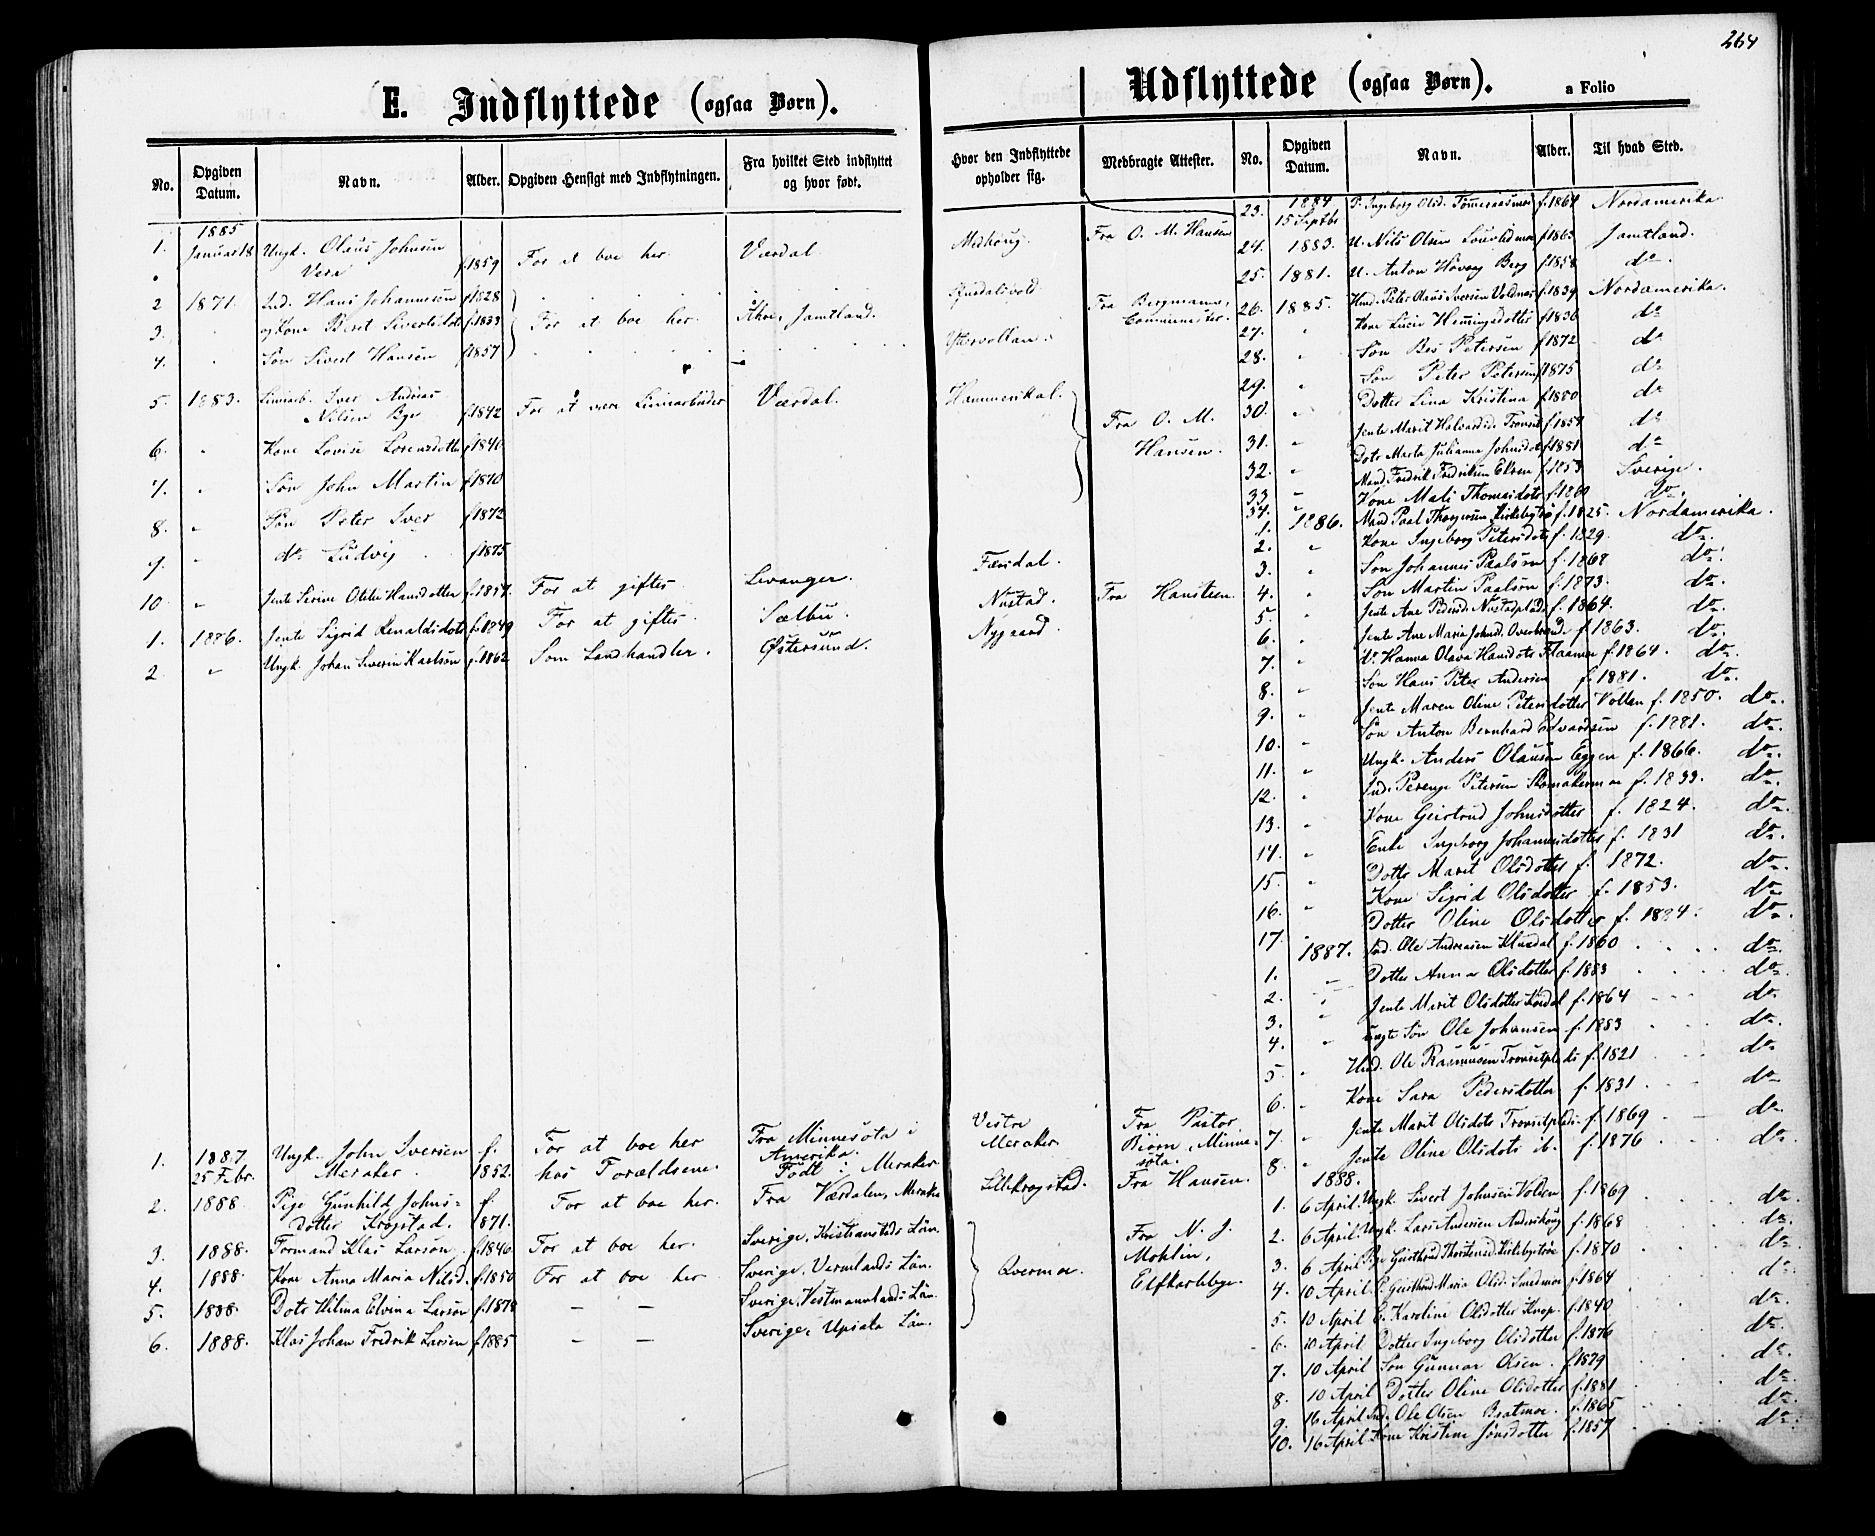 SAT, Ministerialprotokoller, klokkerbøker og fødselsregistre - Nord-Trøndelag, 706/L0049: Klokkerbok nr. 706C01, 1864-1895, s. 264